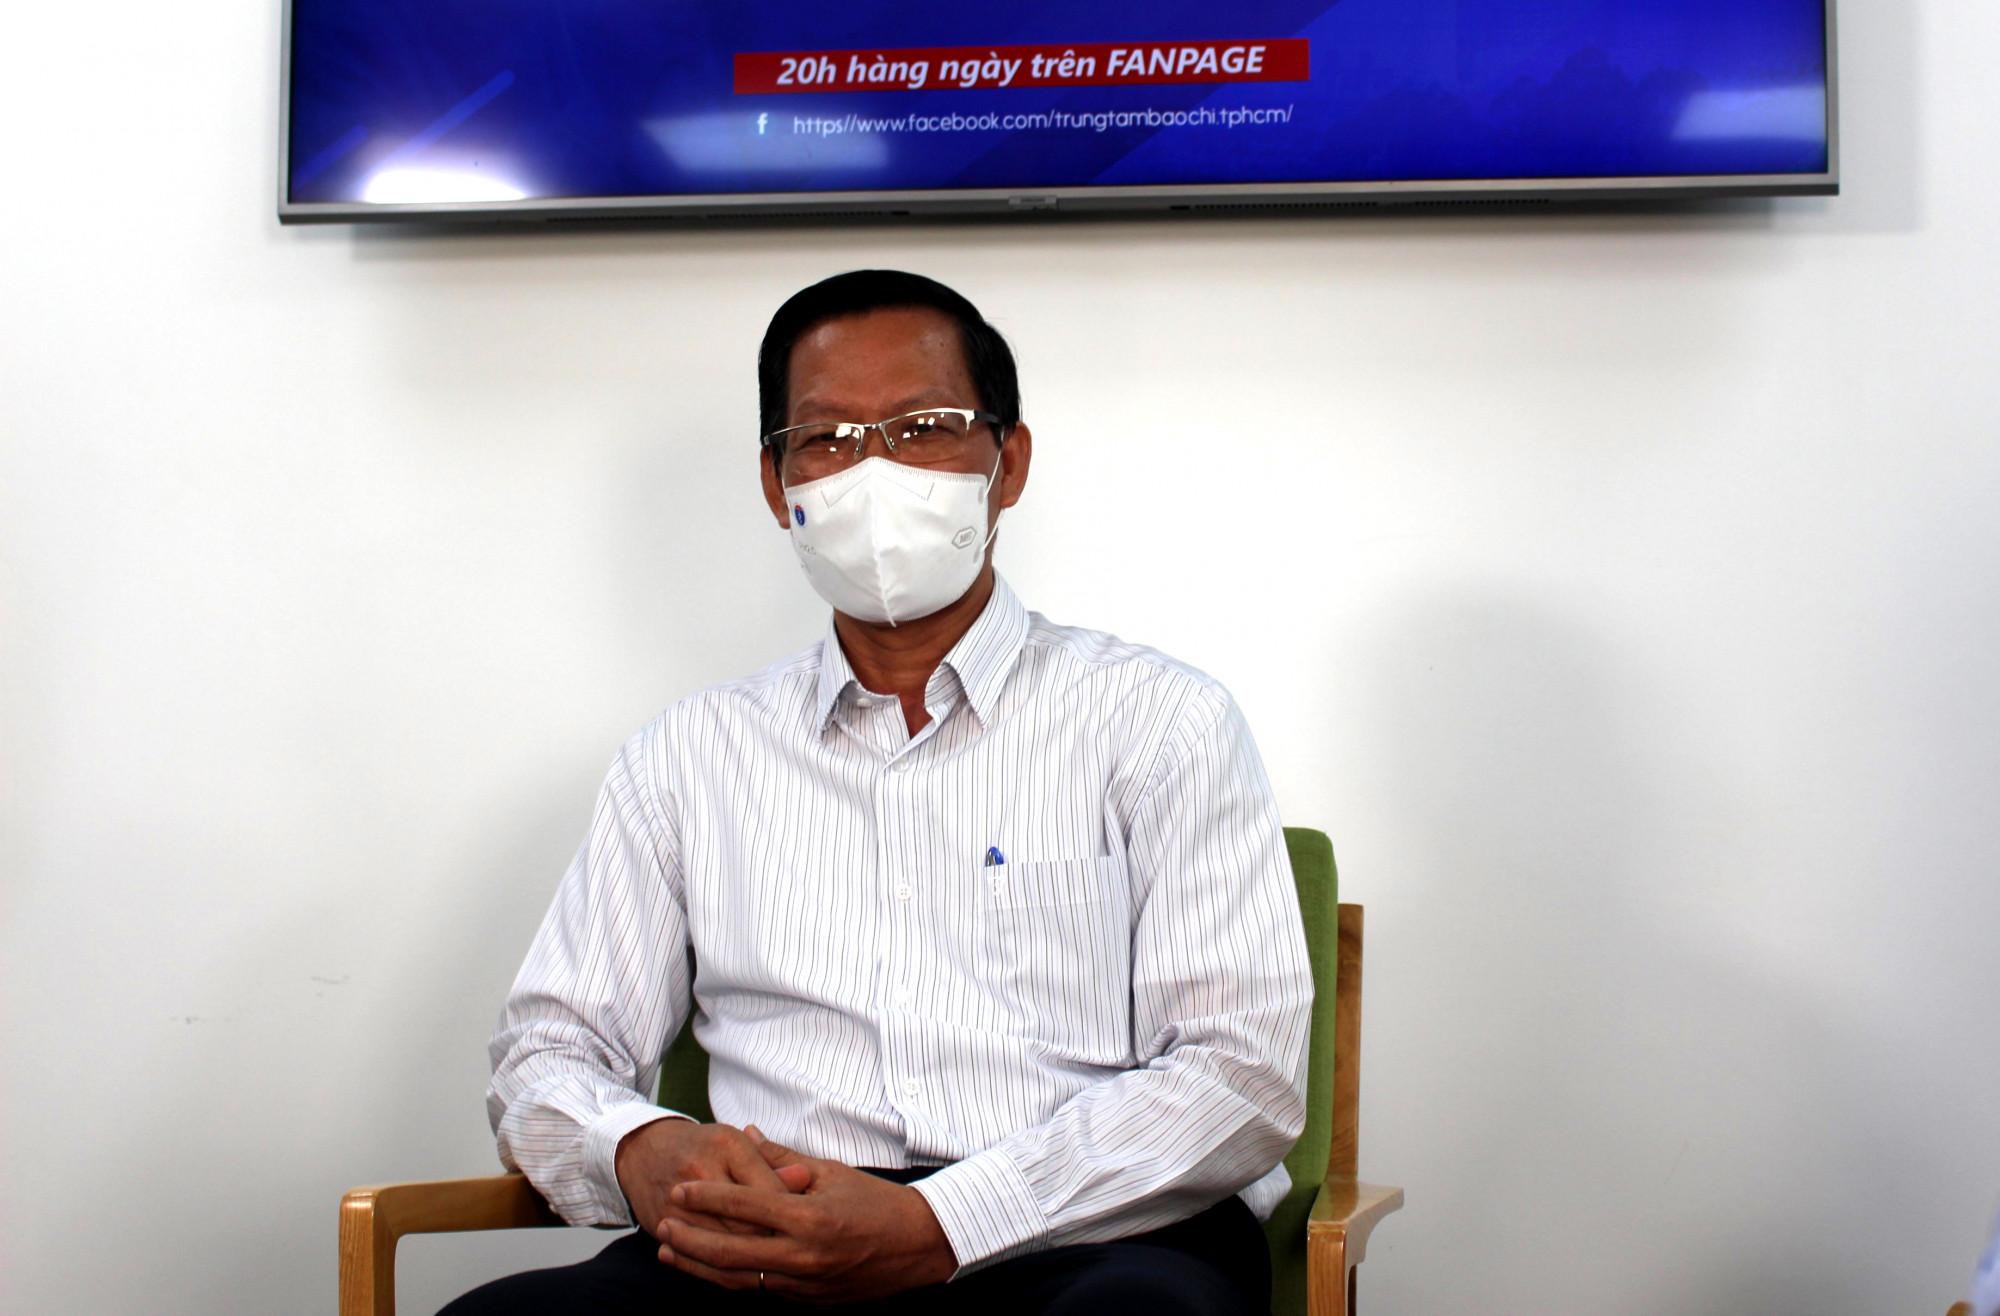 Chủ tịch UBND TP Phan Văn Mãi trước giờ tham gia chương trình livestream để đối thoại với người dân.